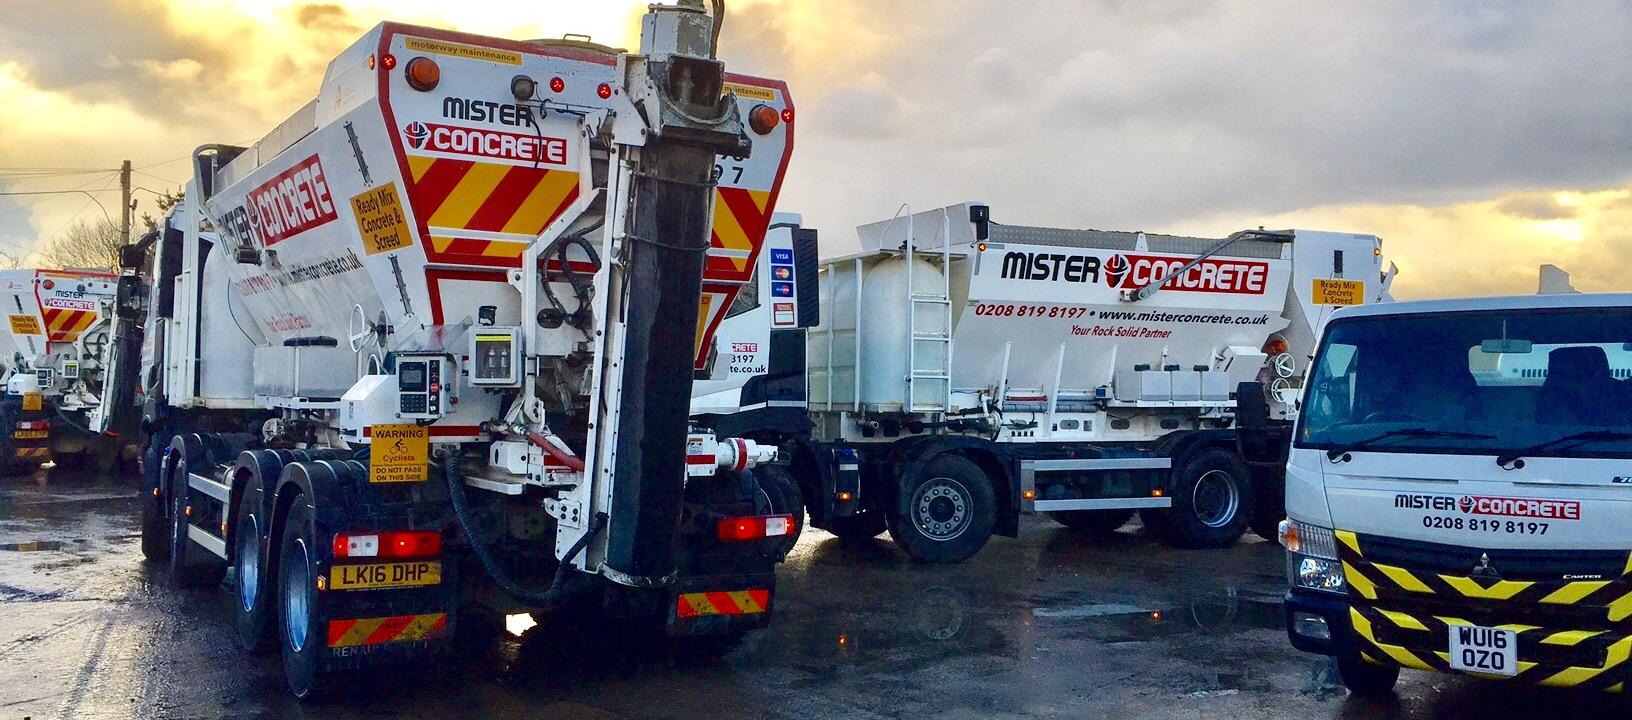 On site mixed concrete | Mister Concrete